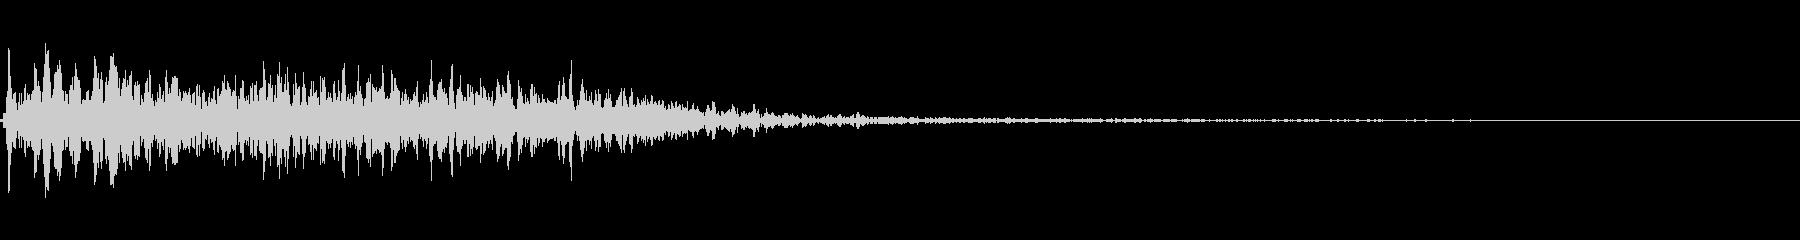 吹きすさぶ風・竜巻系の魔法(高レベル)mの未再生の波形